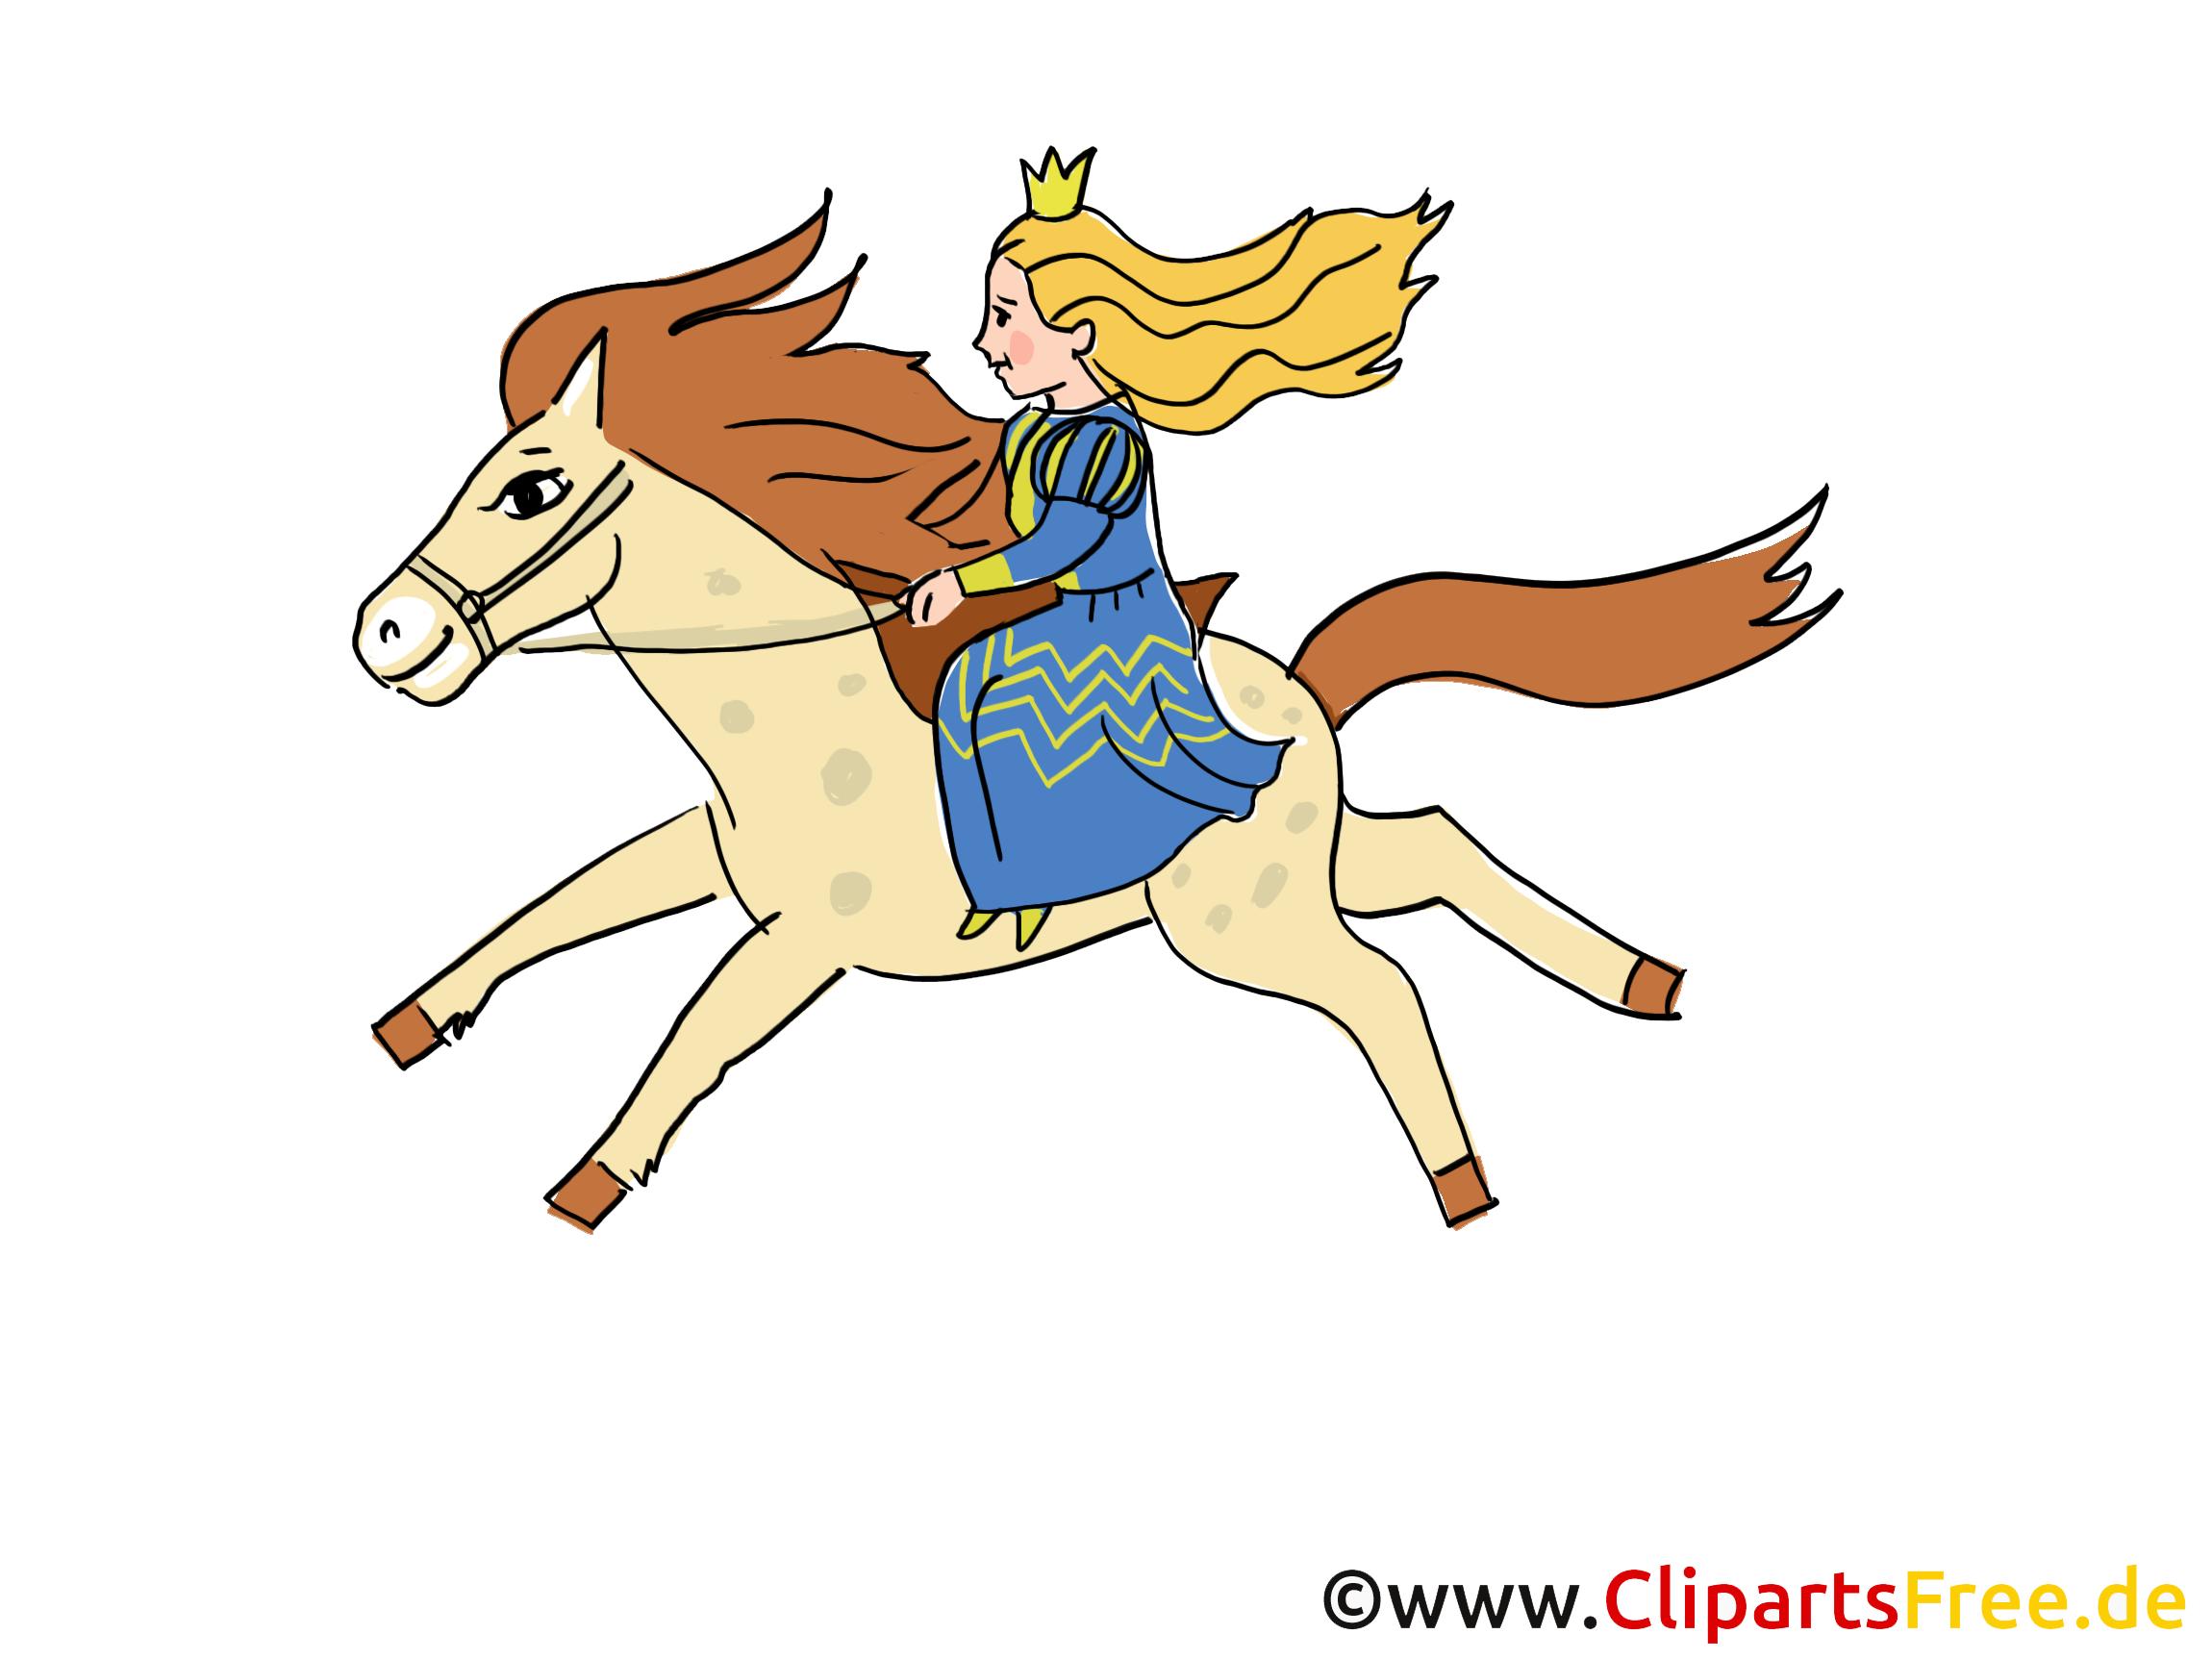 Clipart Cheval Gratuit cheval princesse clipart gratuit – conte de fées images - fable